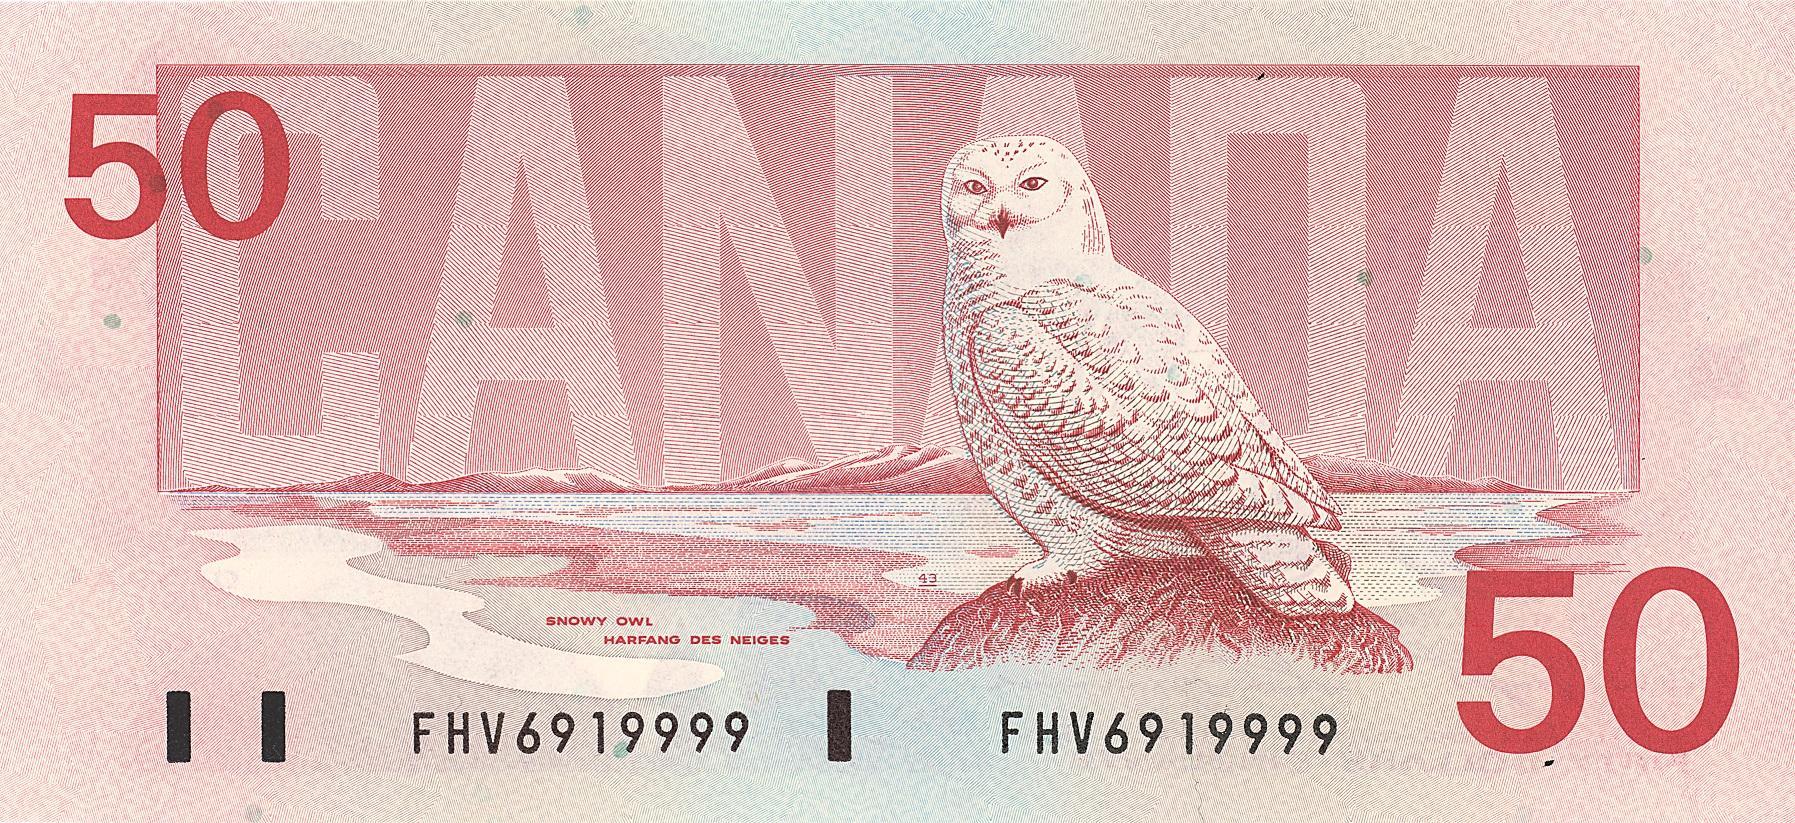 Bird 50 slideshow